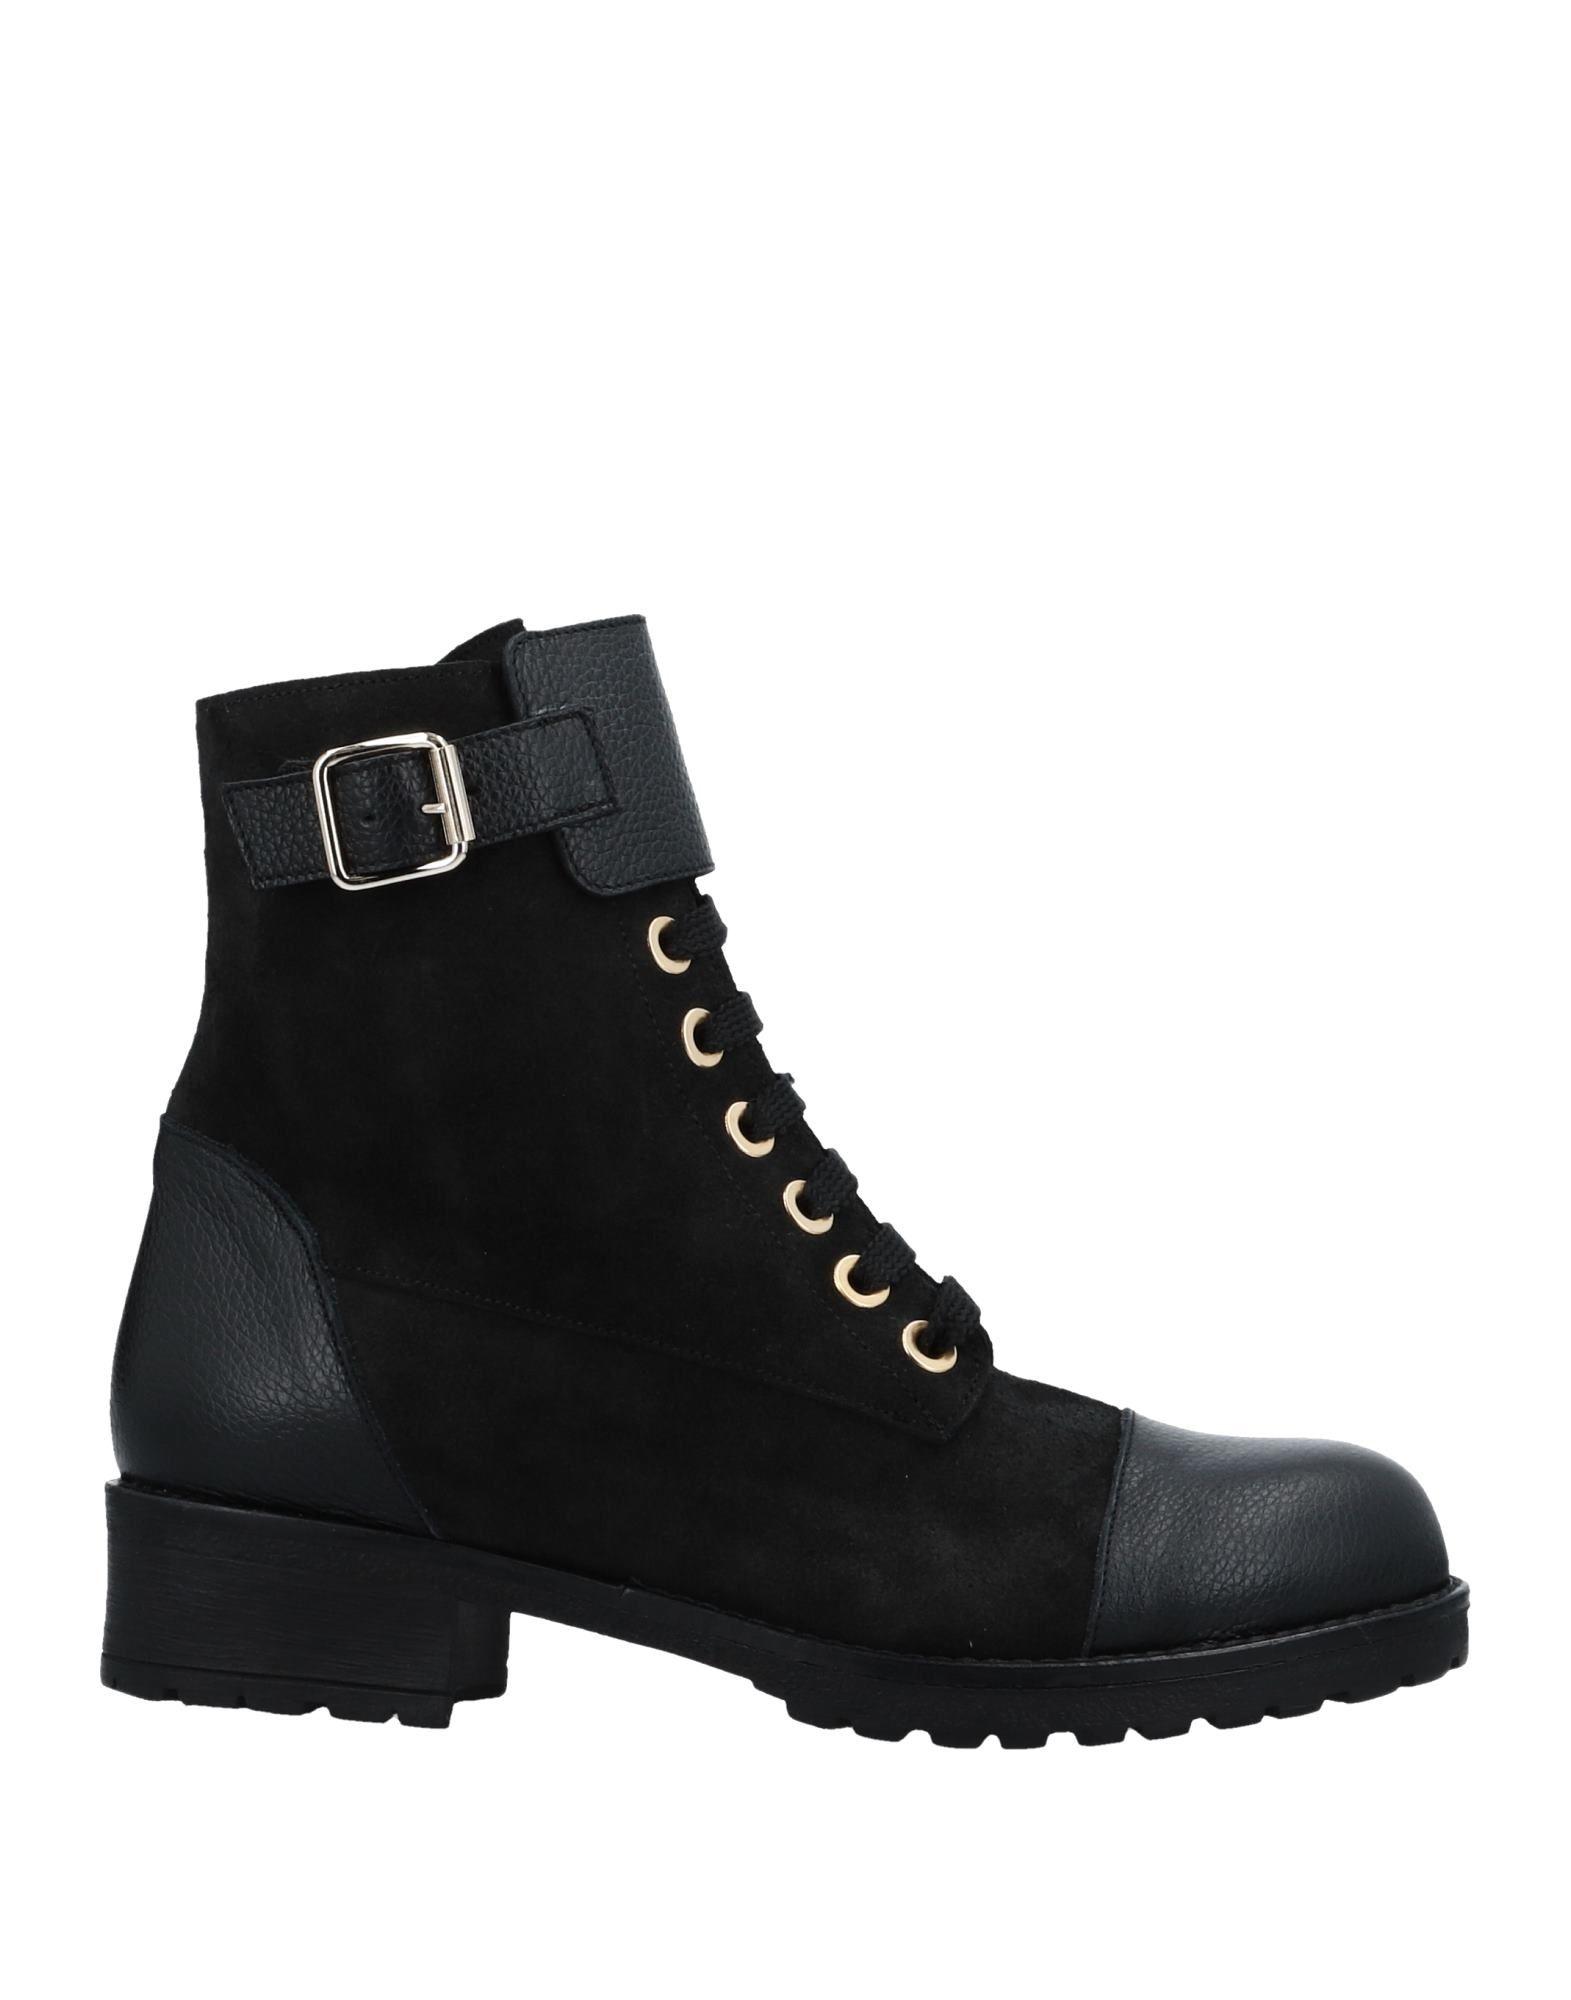 Fiorangelo Stiefelette Damen  11511293OUGut aussehende strapazierfähige Schuhe